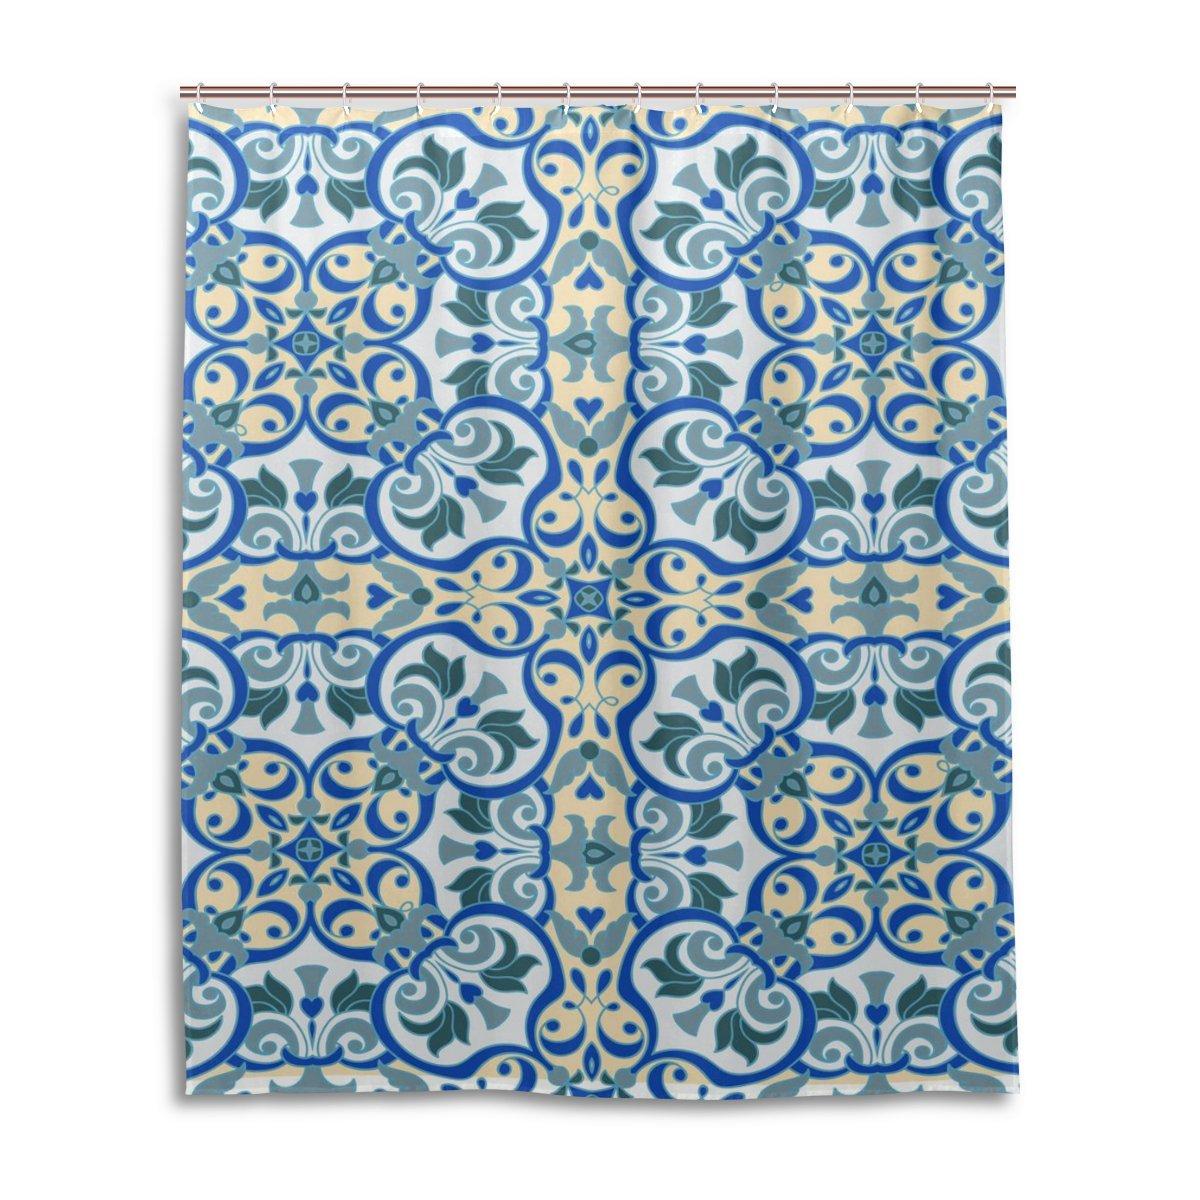 a prova di muffa poliestere tessuto bagno tenda mano disegno Zentangle Mandala in maiolica italiana Tenda da doccia 152,4/x 182,9/cm